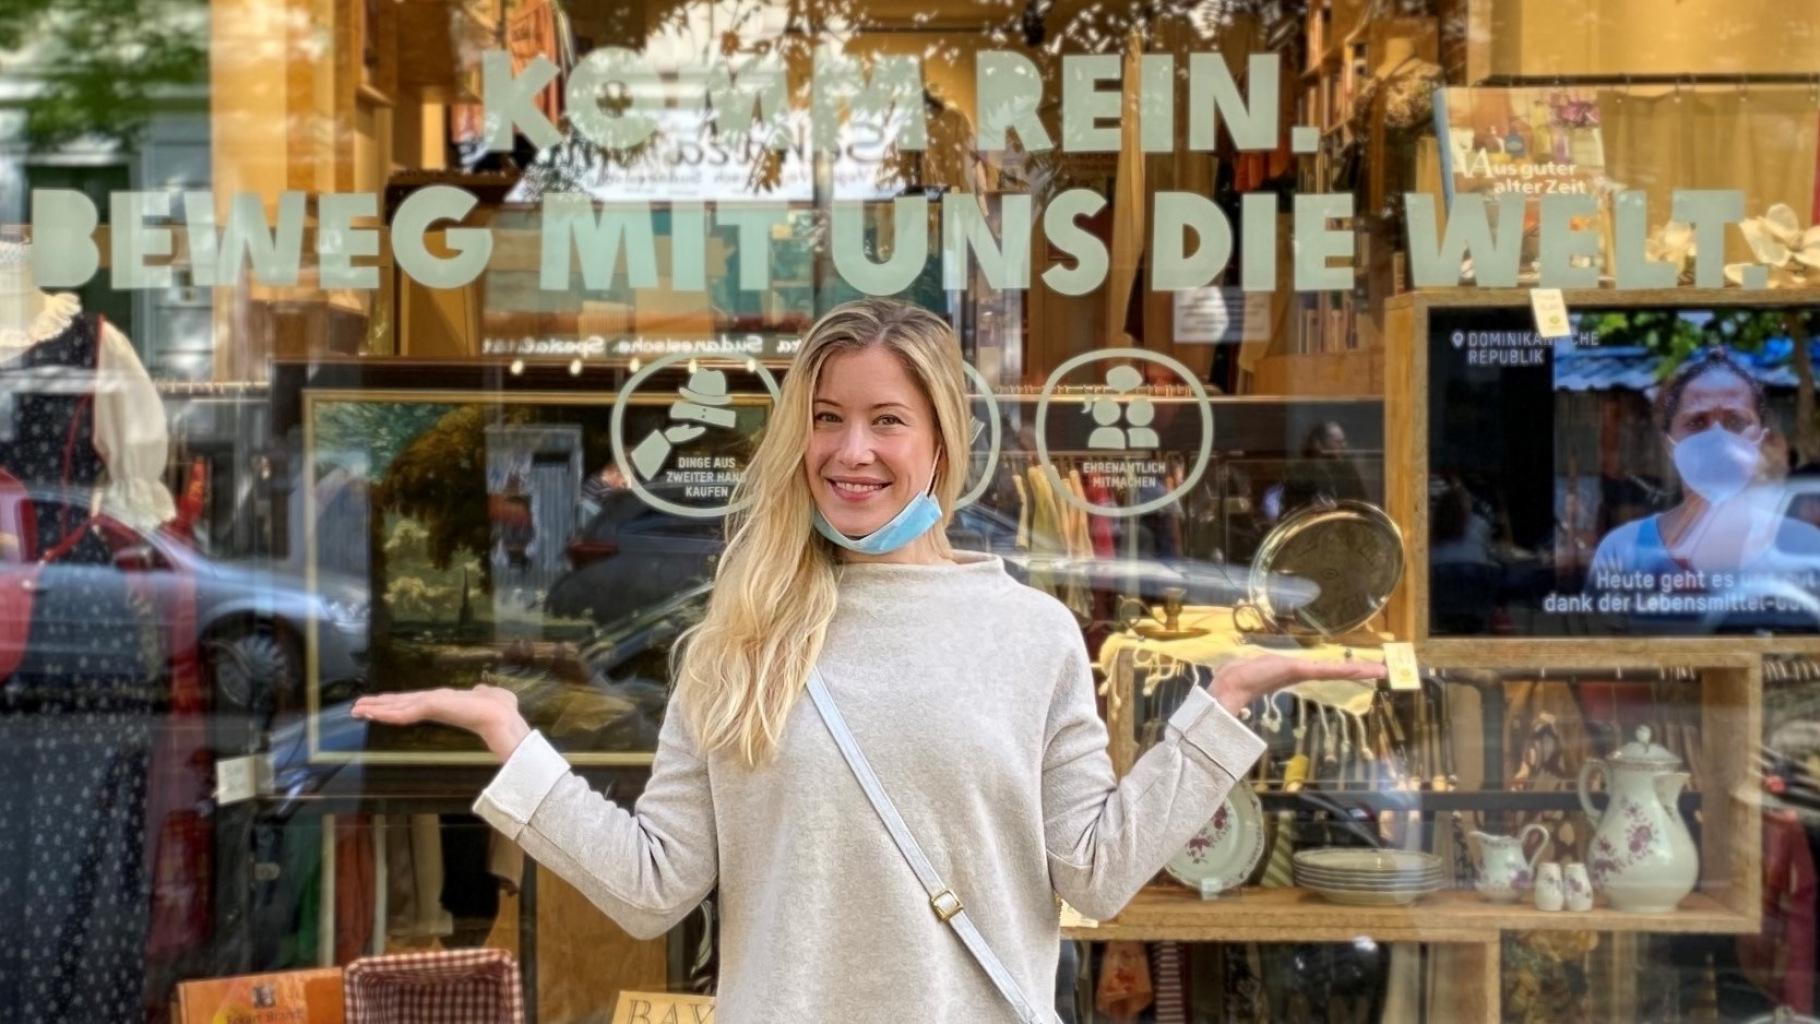 Die Ehrenamtliche Camille Bühler vor dem Oxfam Shop Berlin-Kreuzberg